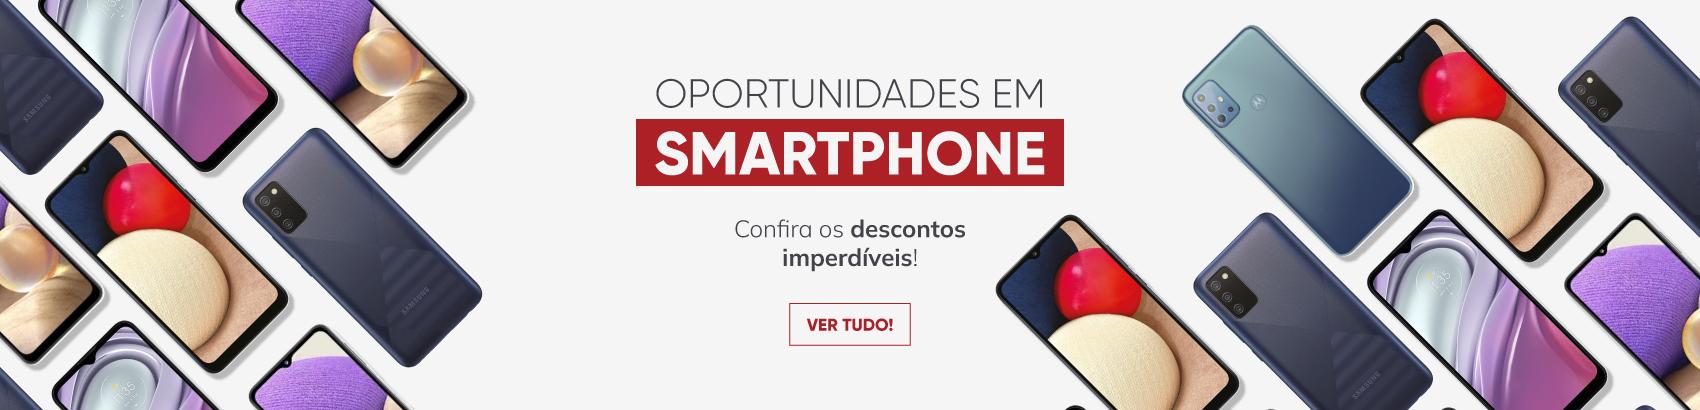 ofertas-celulares